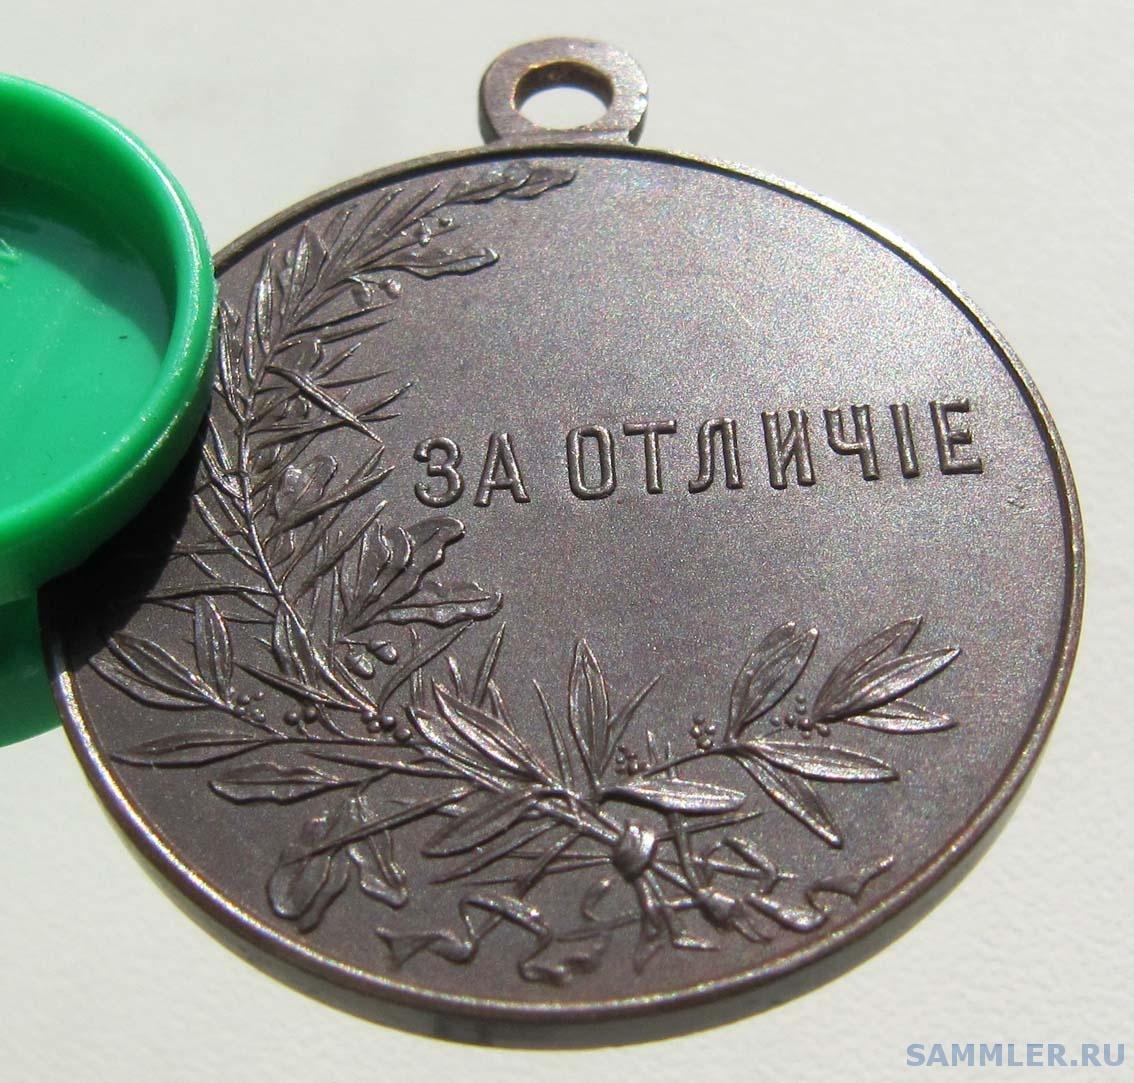 Медаль_За отличие. Тёмная бронза. Николай 2 (реверс 3).jpg